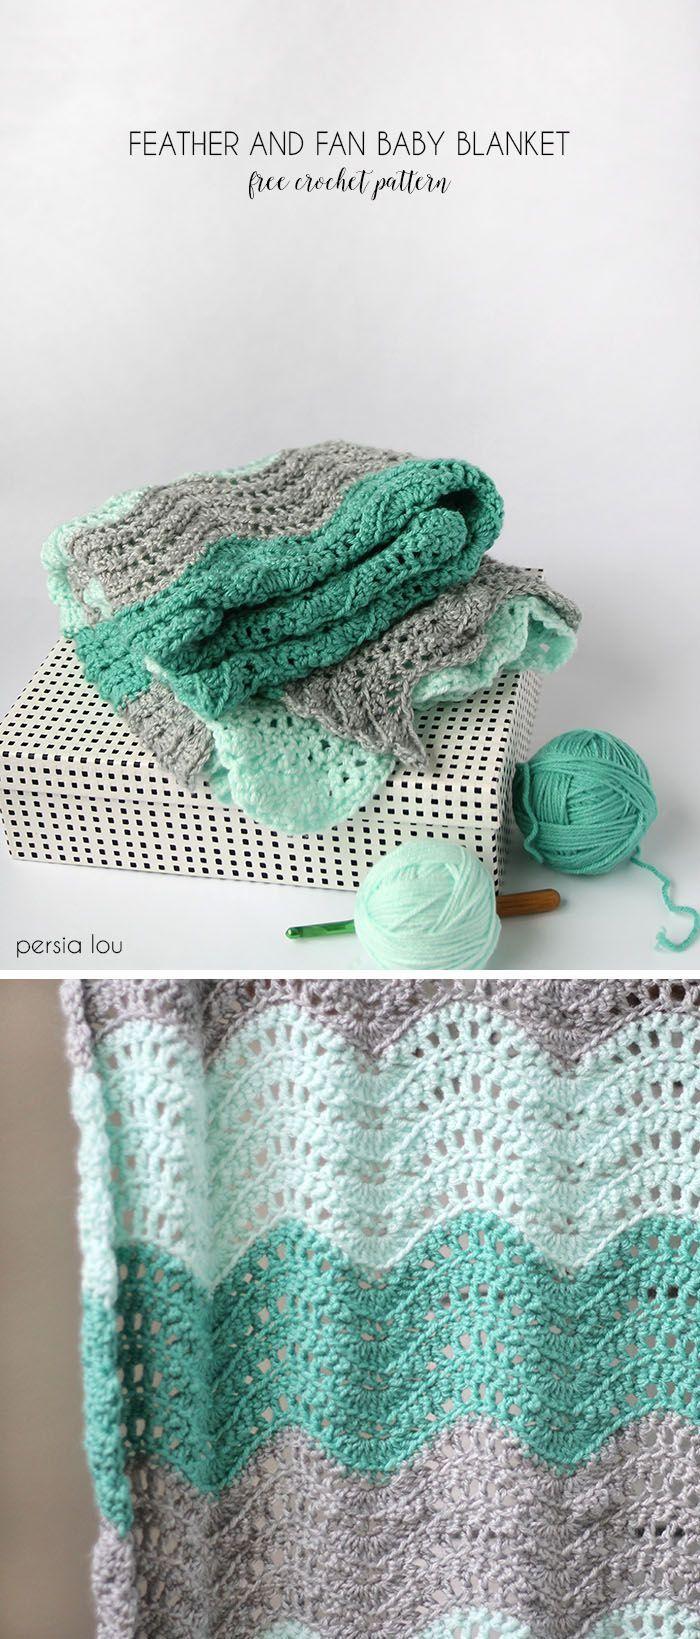 crochet feather and fan baby blanket - free crochet pattern ...